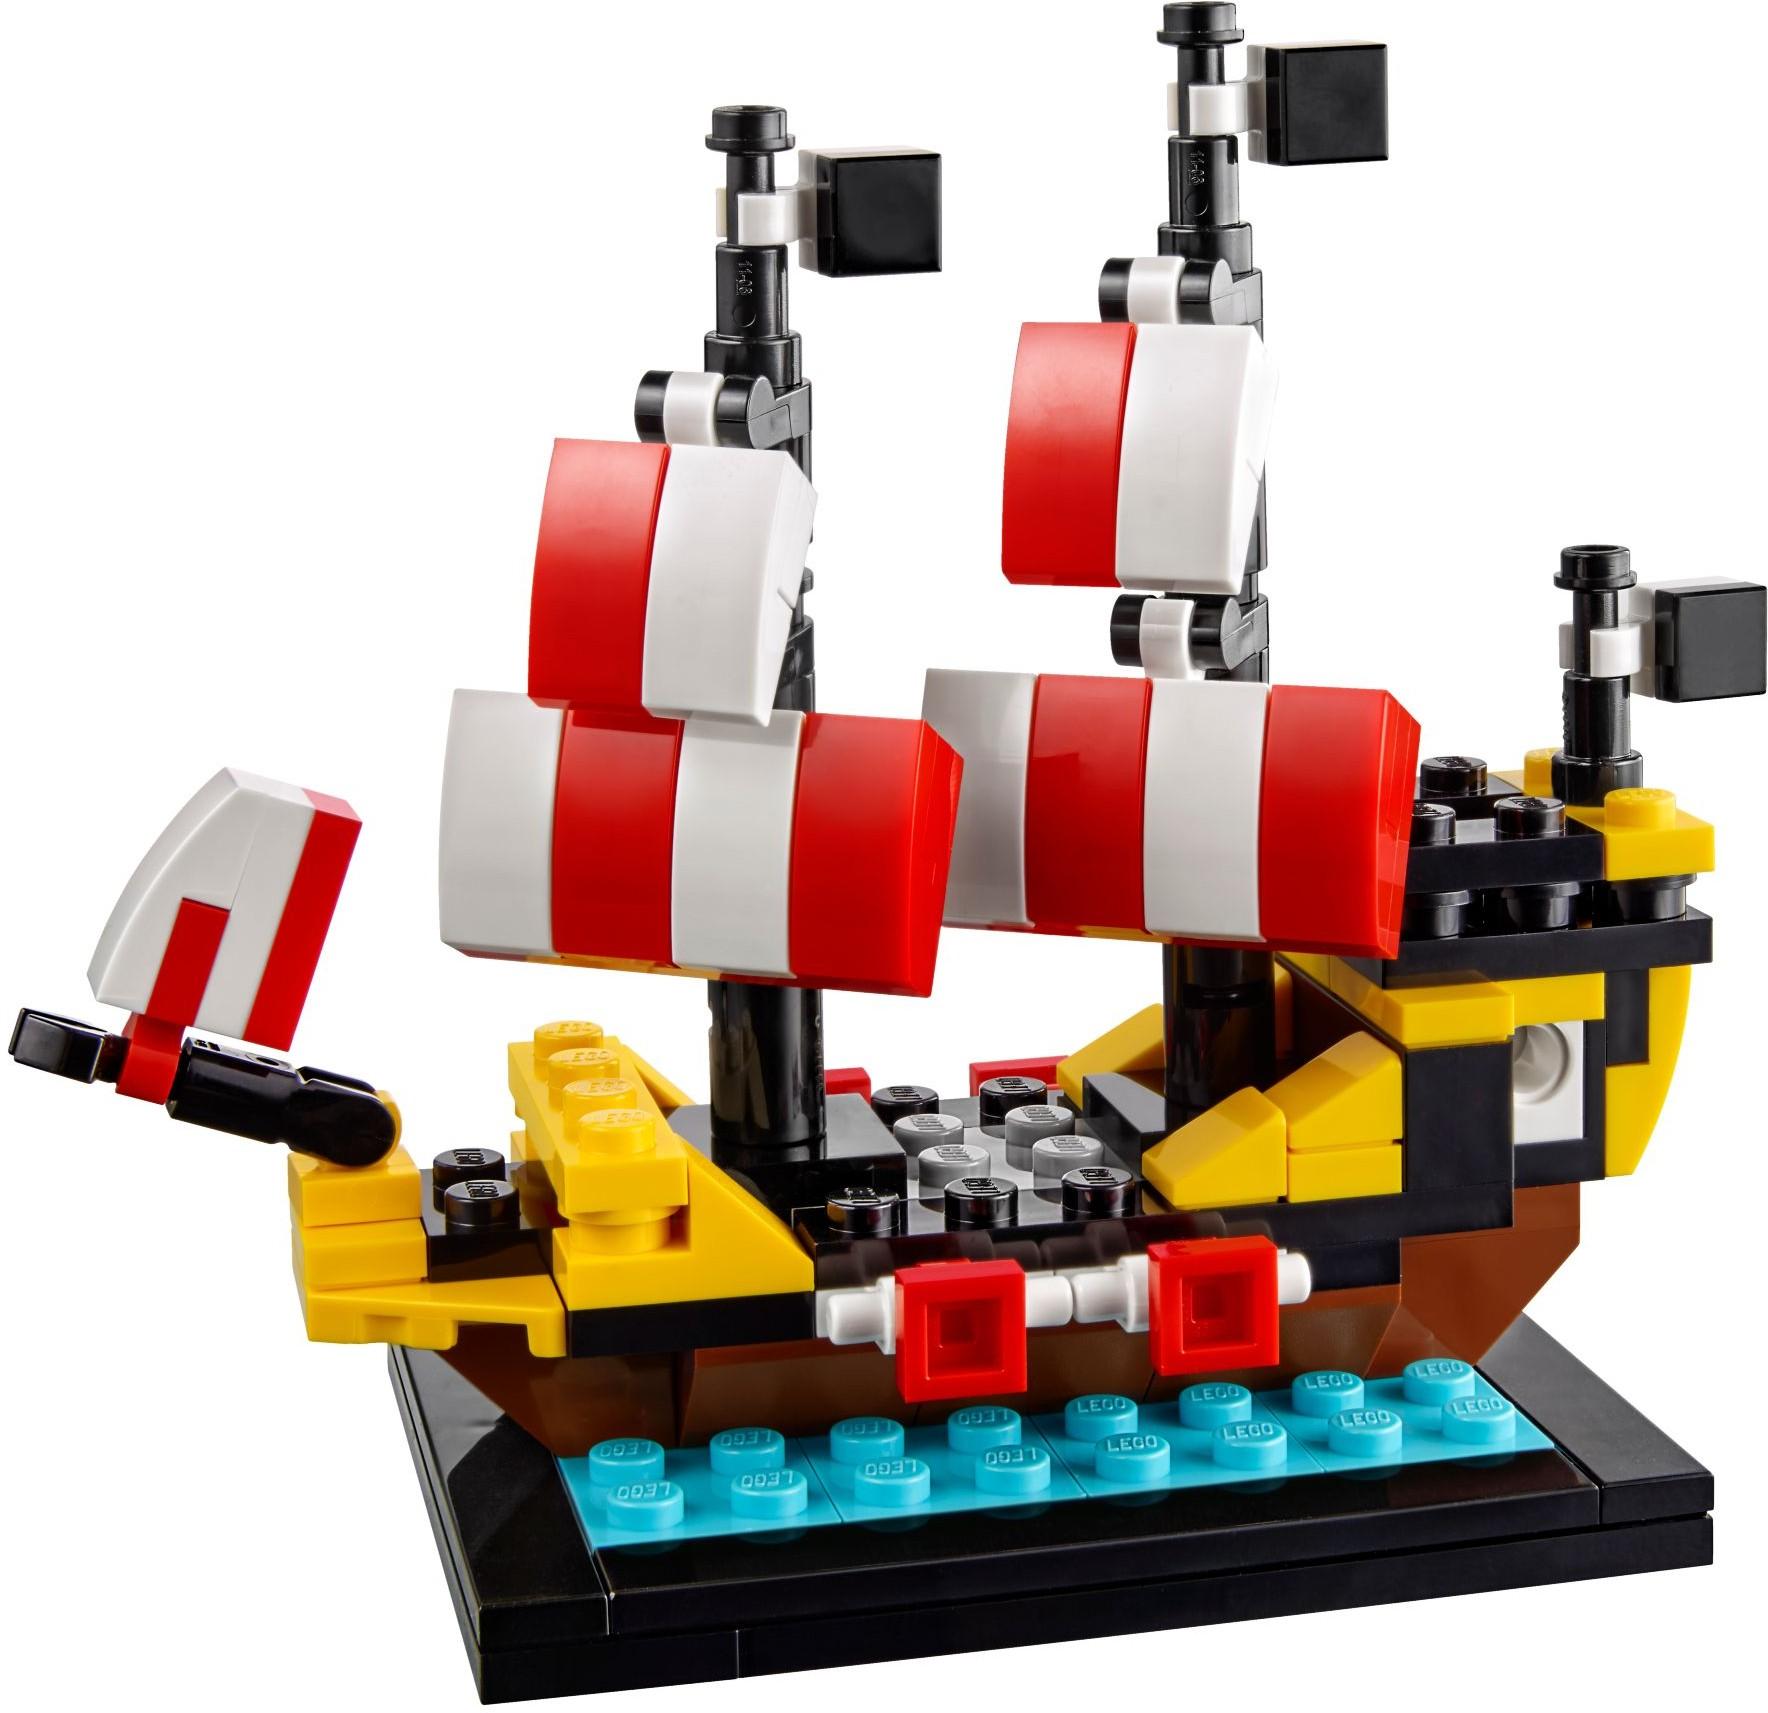 das sch nste lego set aller zeiten black seas barracuda 6285 in der mini version. Black Bedroom Furniture Sets. Home Design Ideas